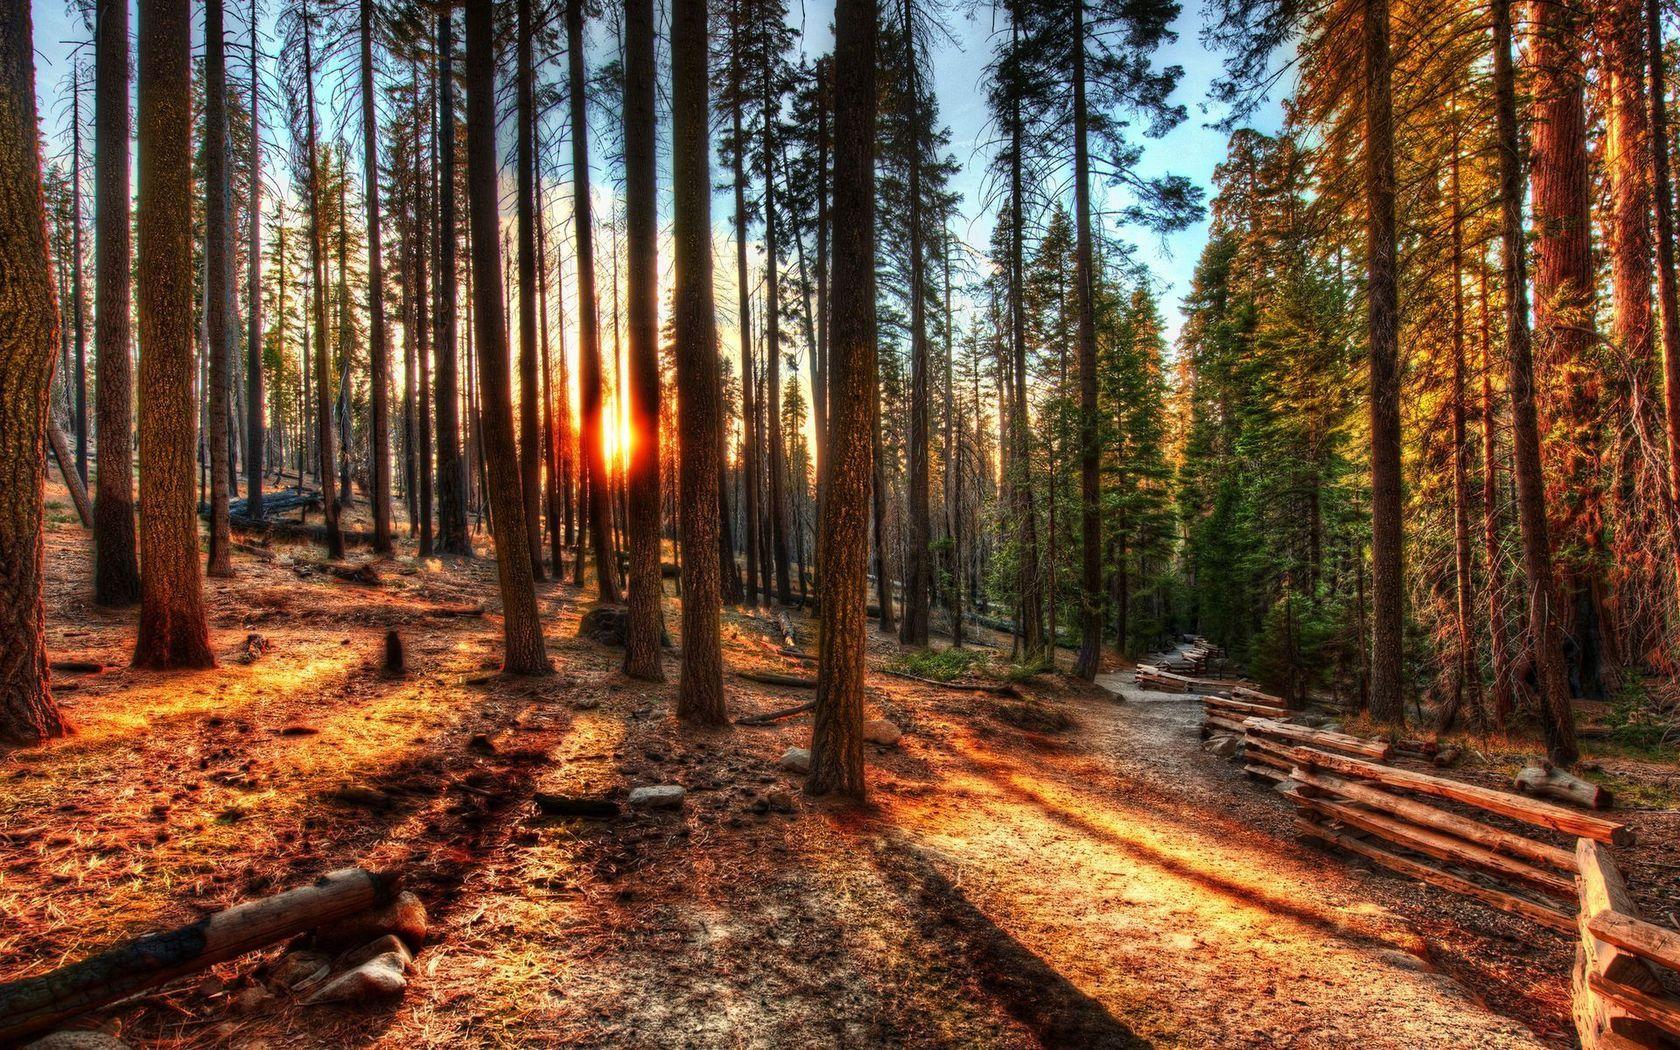 121088 Заставки и Обои Солнце на телефон. Скачать Солнце, Природа, Деревья, Свет, Лес, Забор картинки бесплатно